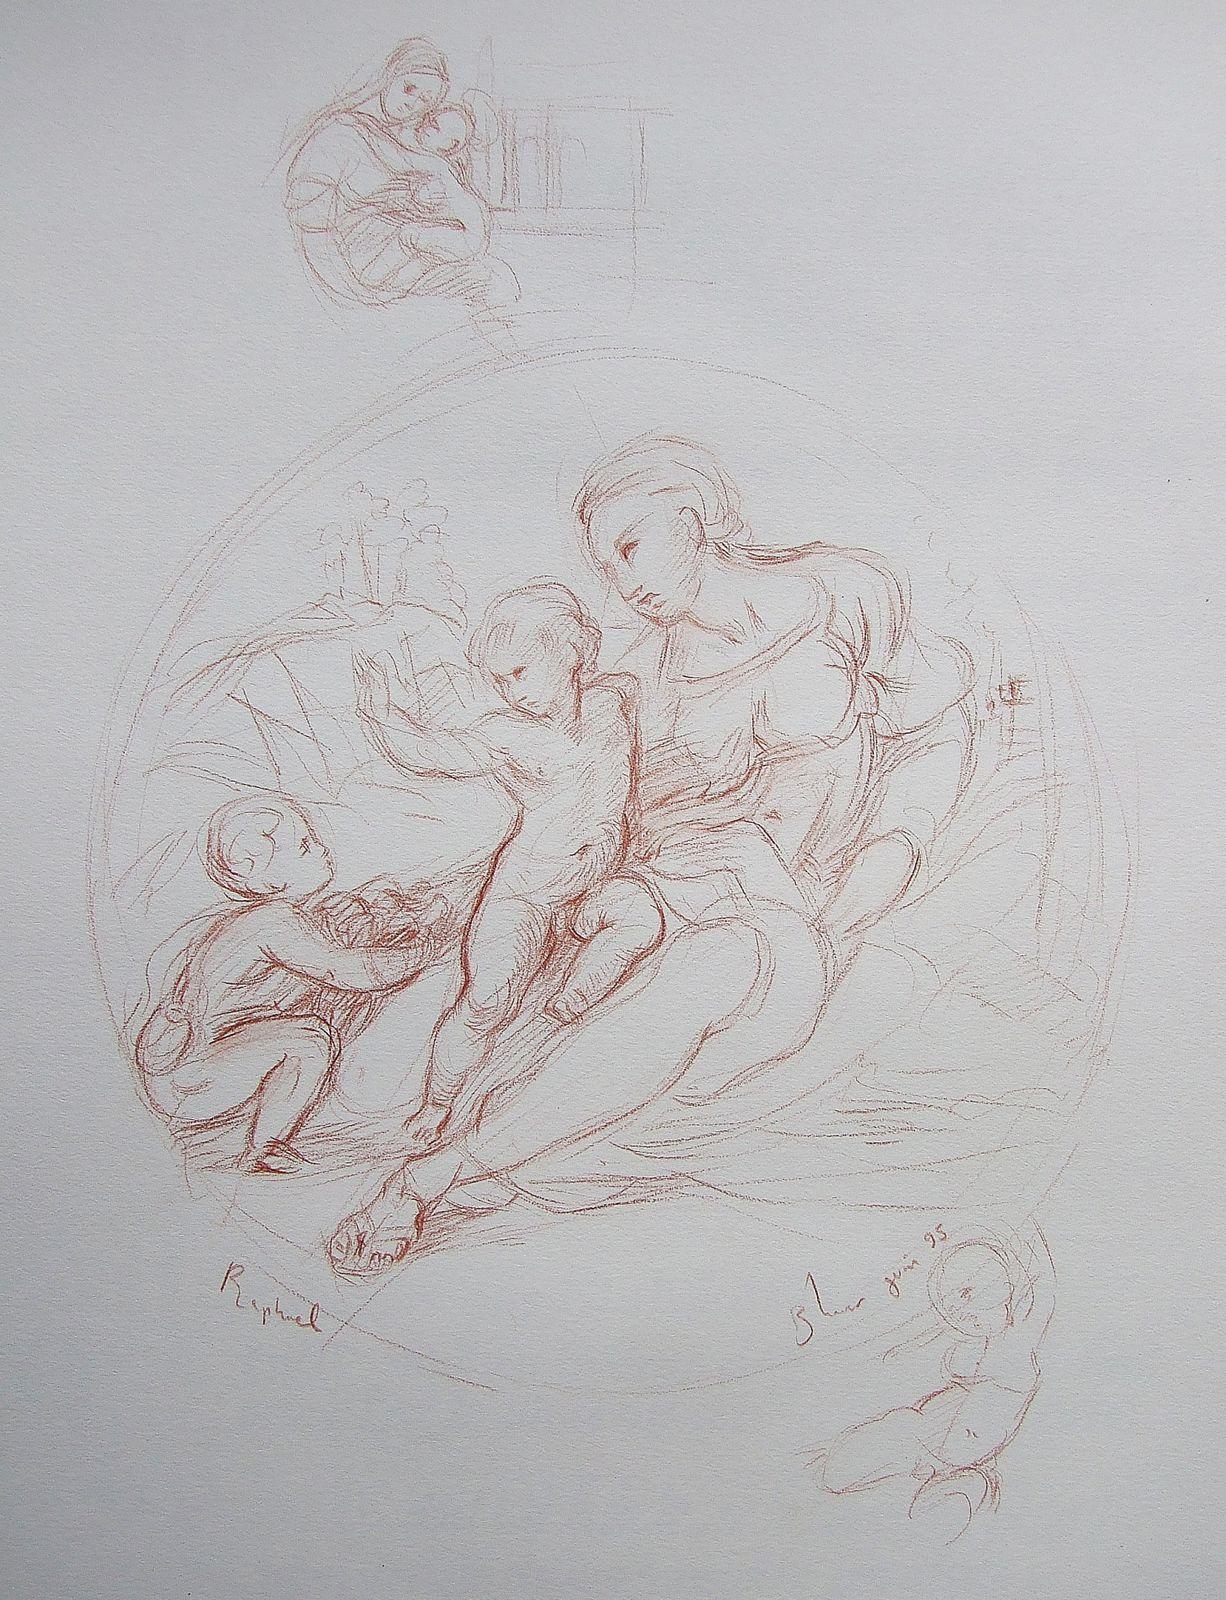 L'étude du savoir-faire des autres maitres-peintres permet de s'améliorer. C'est un travail important et nécessaire. Il accompagne toute ma production.